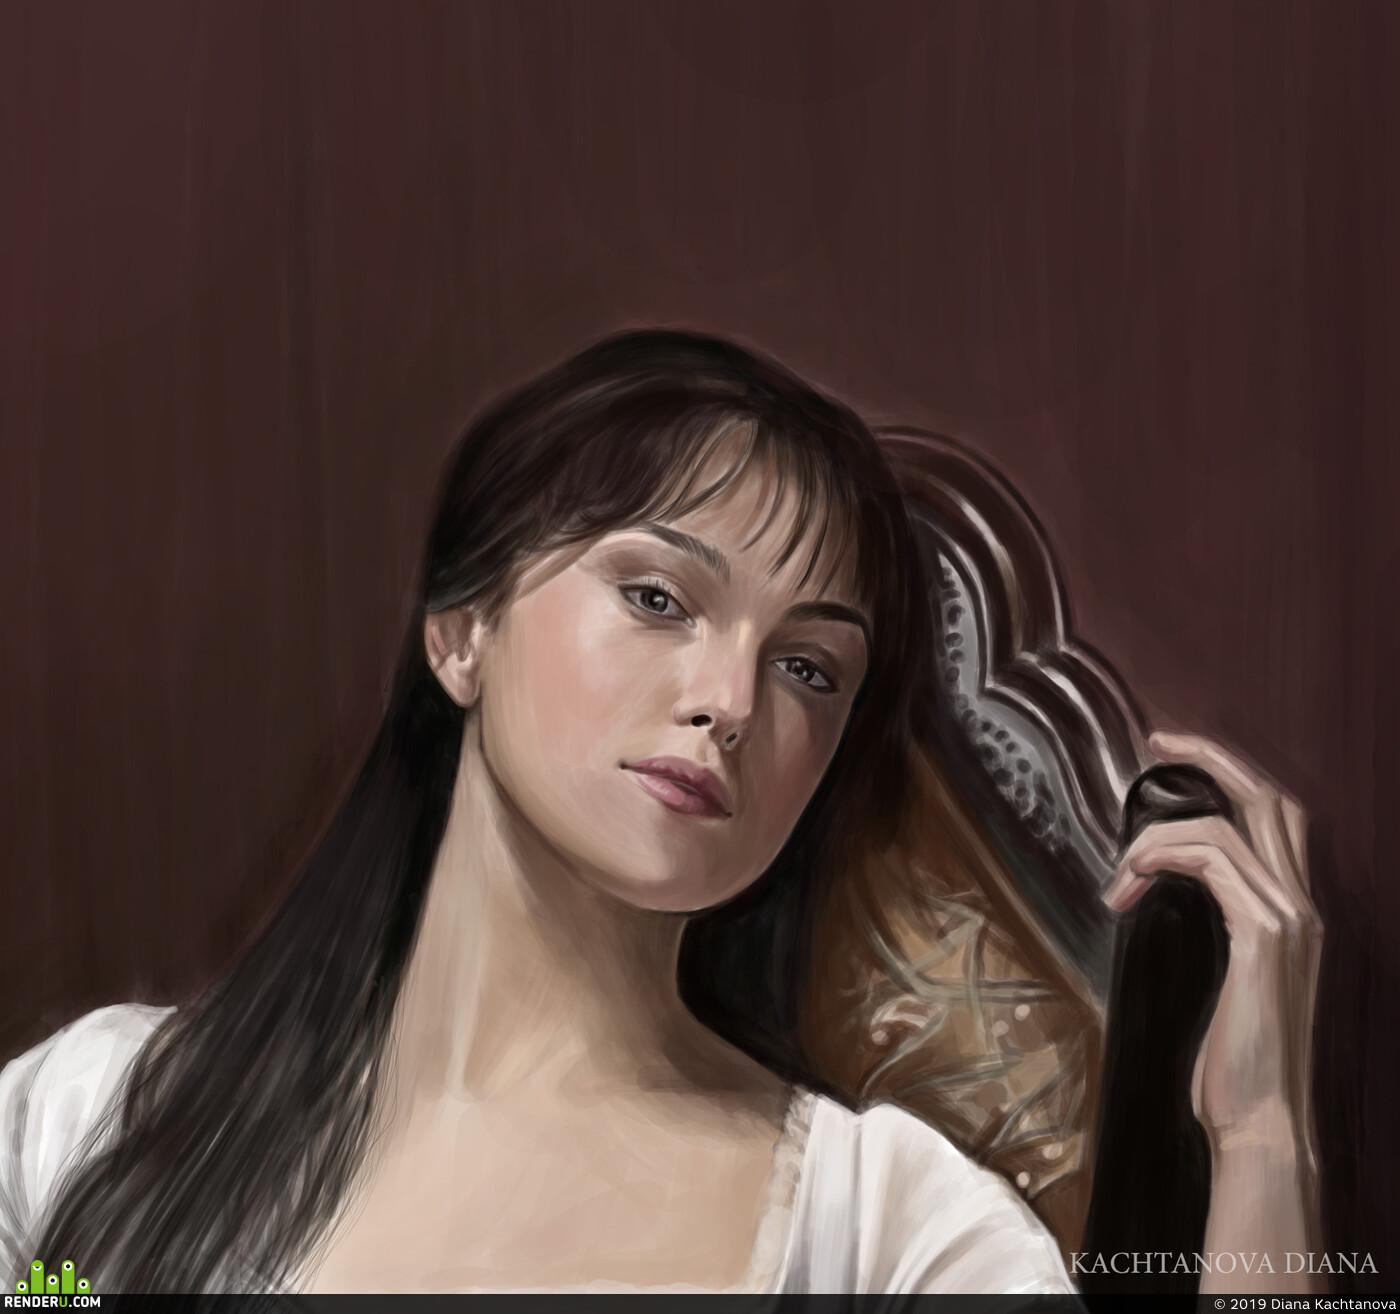 Кира Найтли, Актриса, портрет, арт, дигиталарт, фотошоп, иллюстрация, Гордость и предубеждение, английская литература, классика